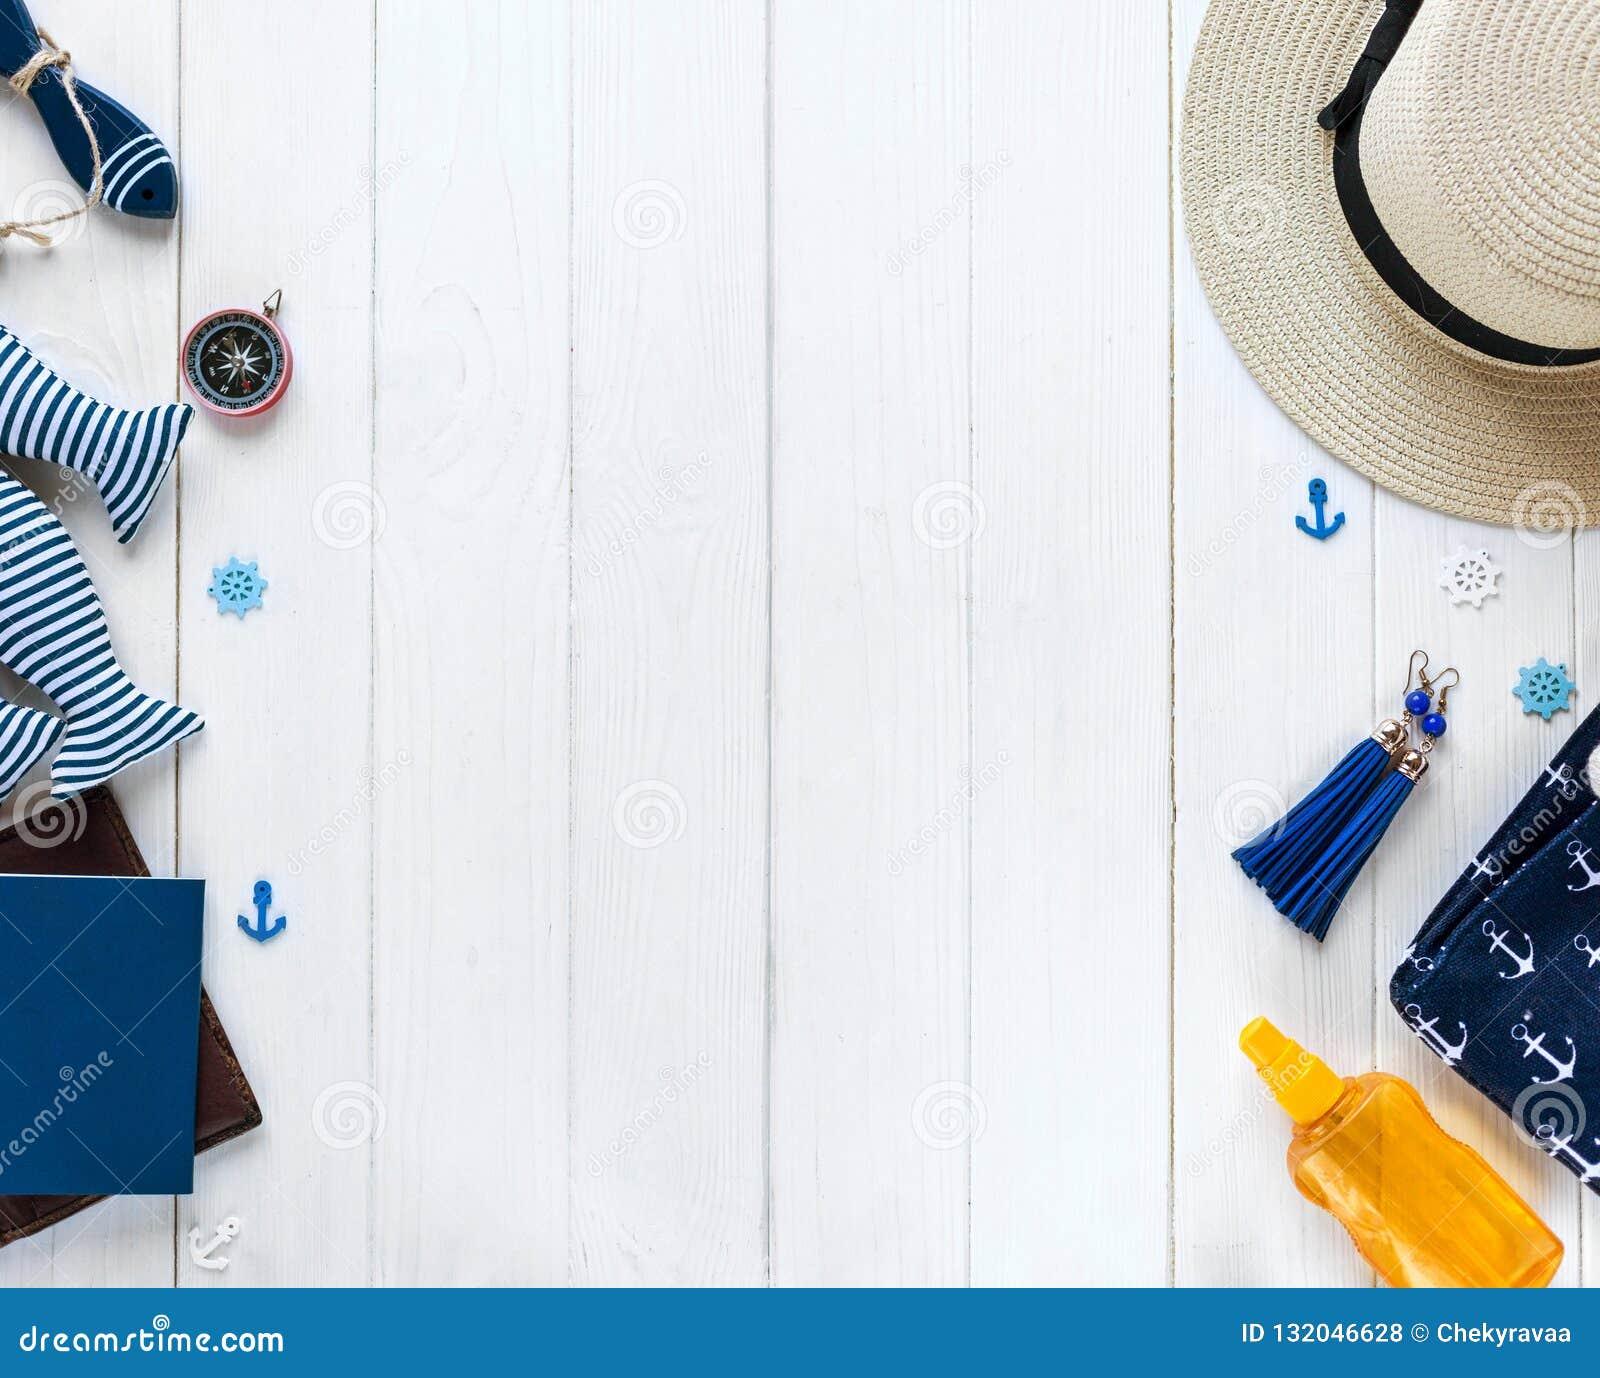 Artigos marinhos no fundo de madeira Objetos do mar: chapéu de palha, roupa de banho, peixe, escudos Configuração lisa, espaço da